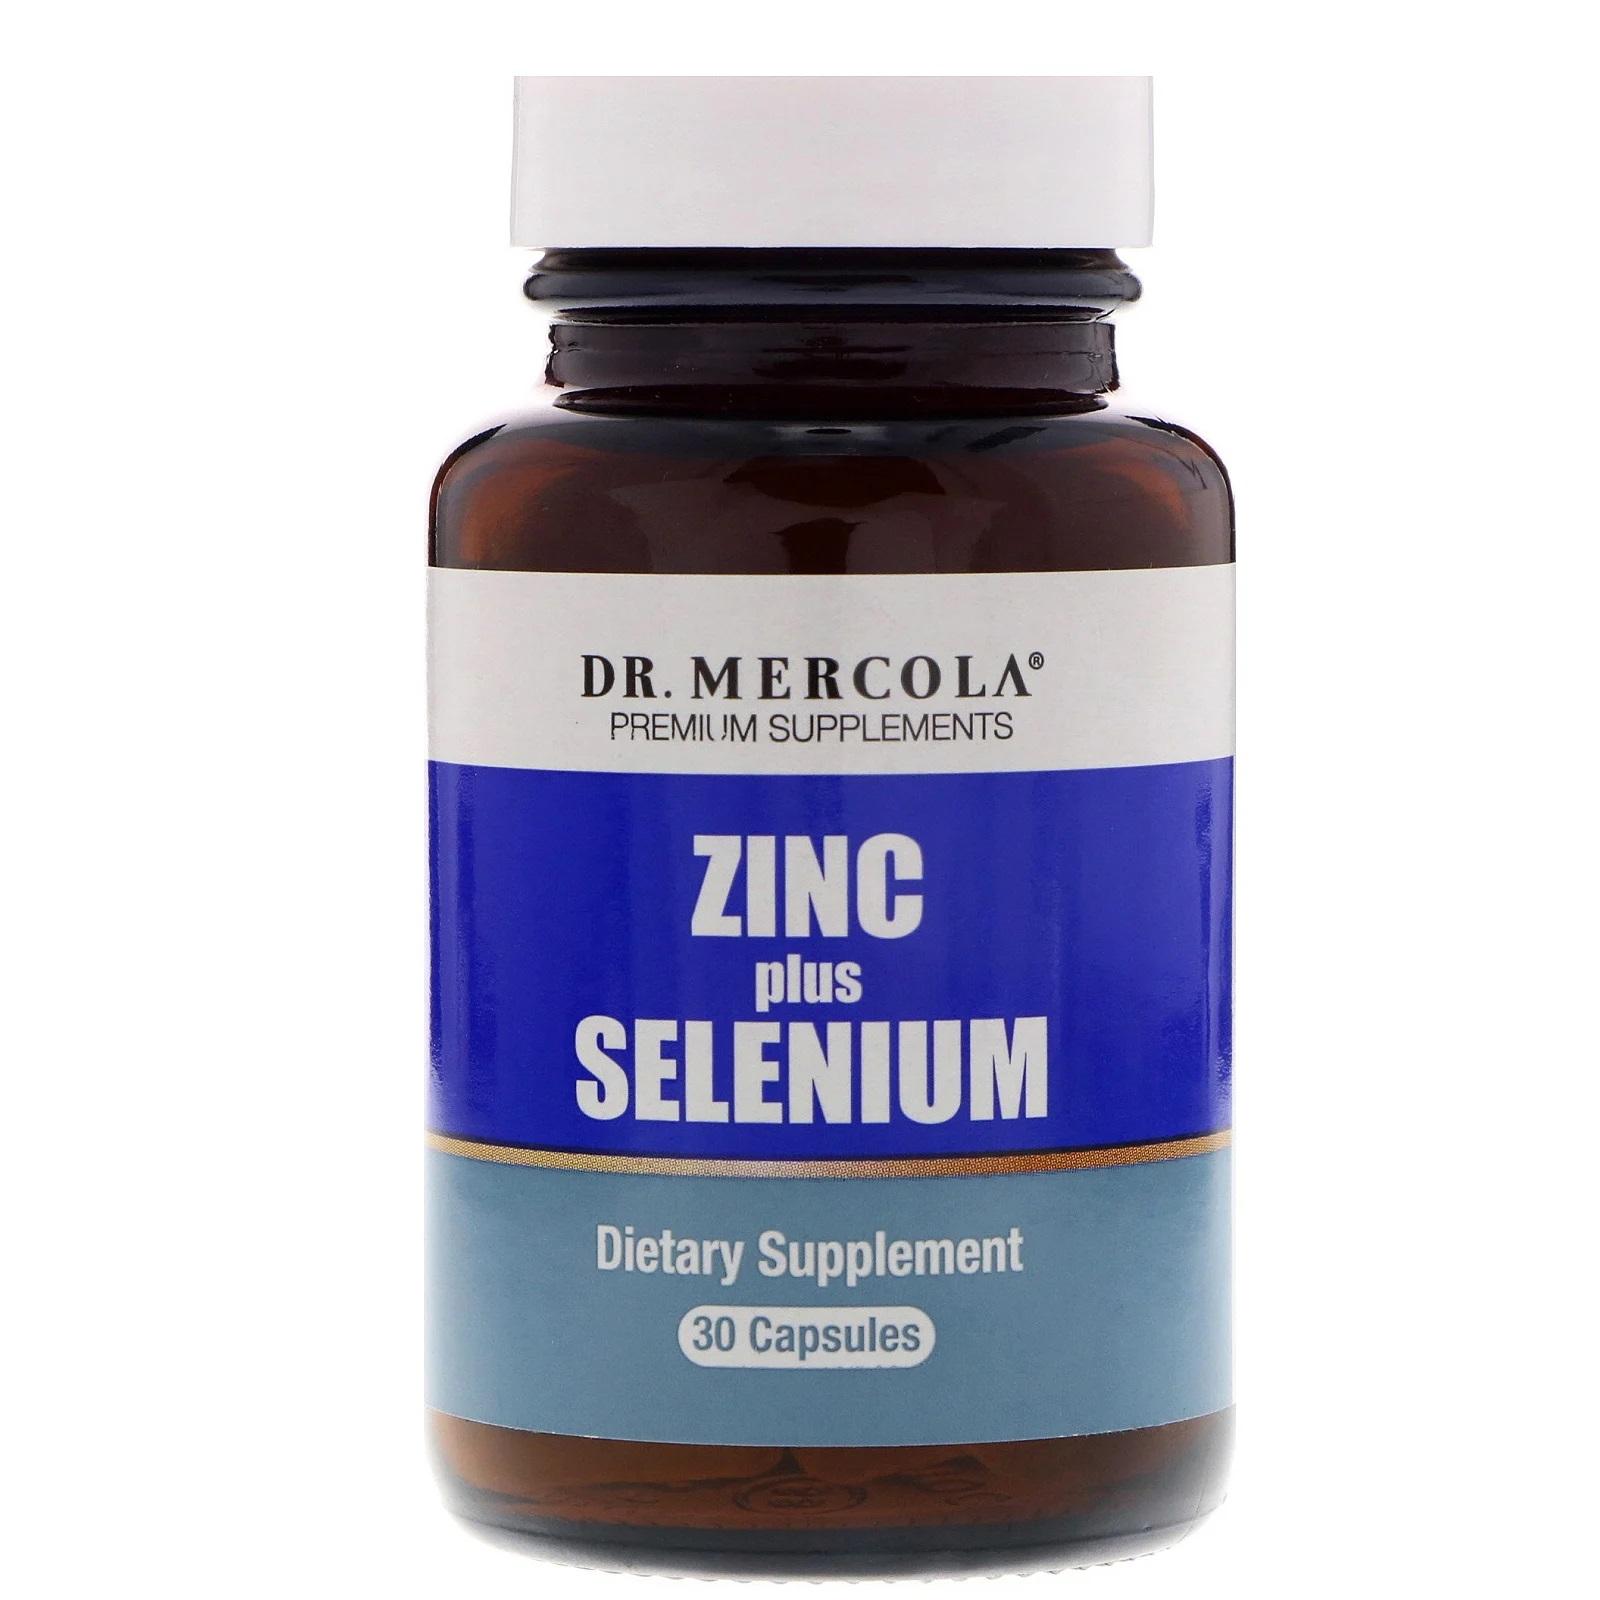 Image of Zinc plus Selenium 15 mg (30 capsules) - Dr. Mercola 0810487030656